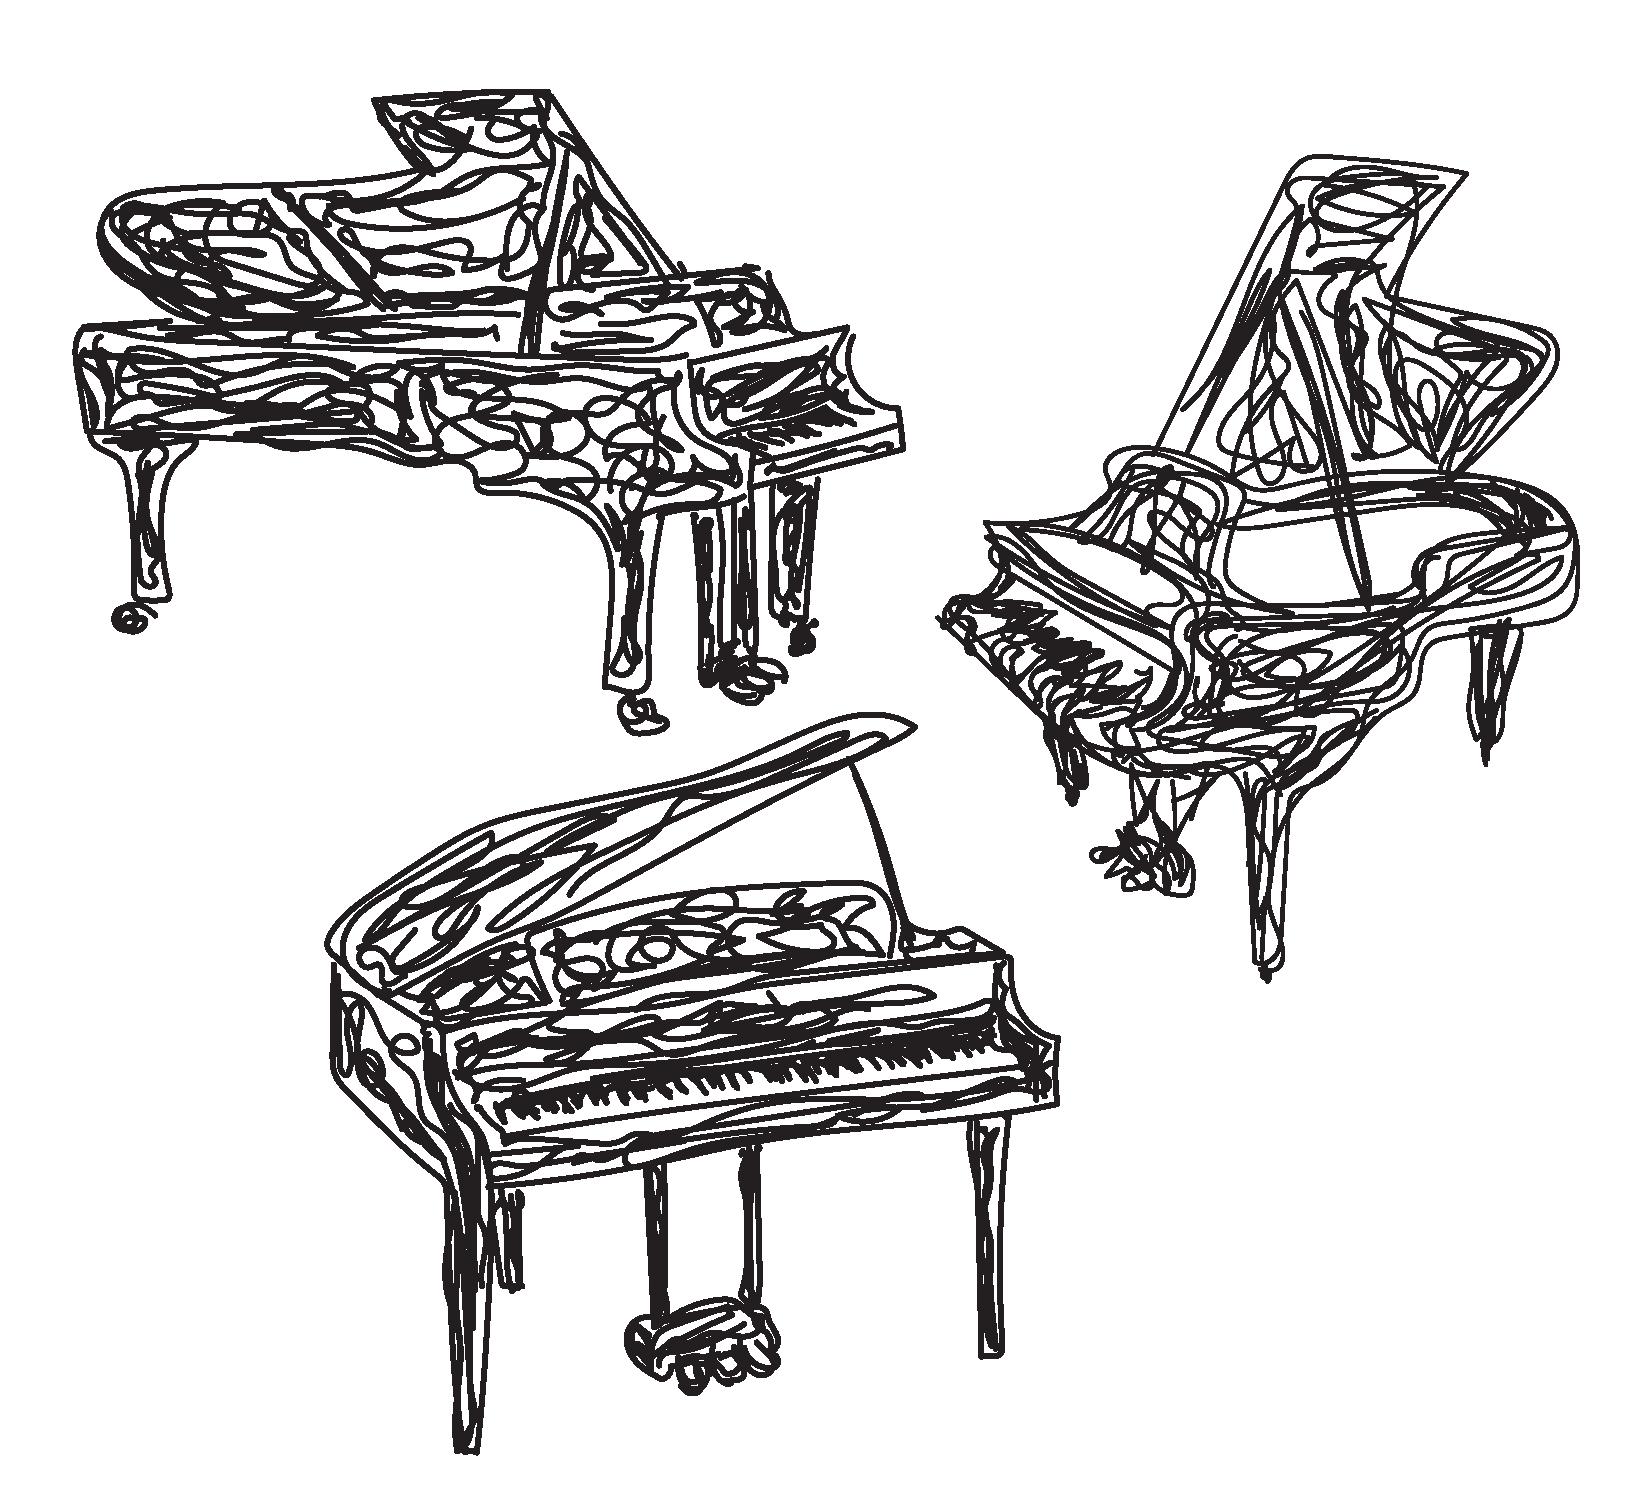 sketch of piano arrangement